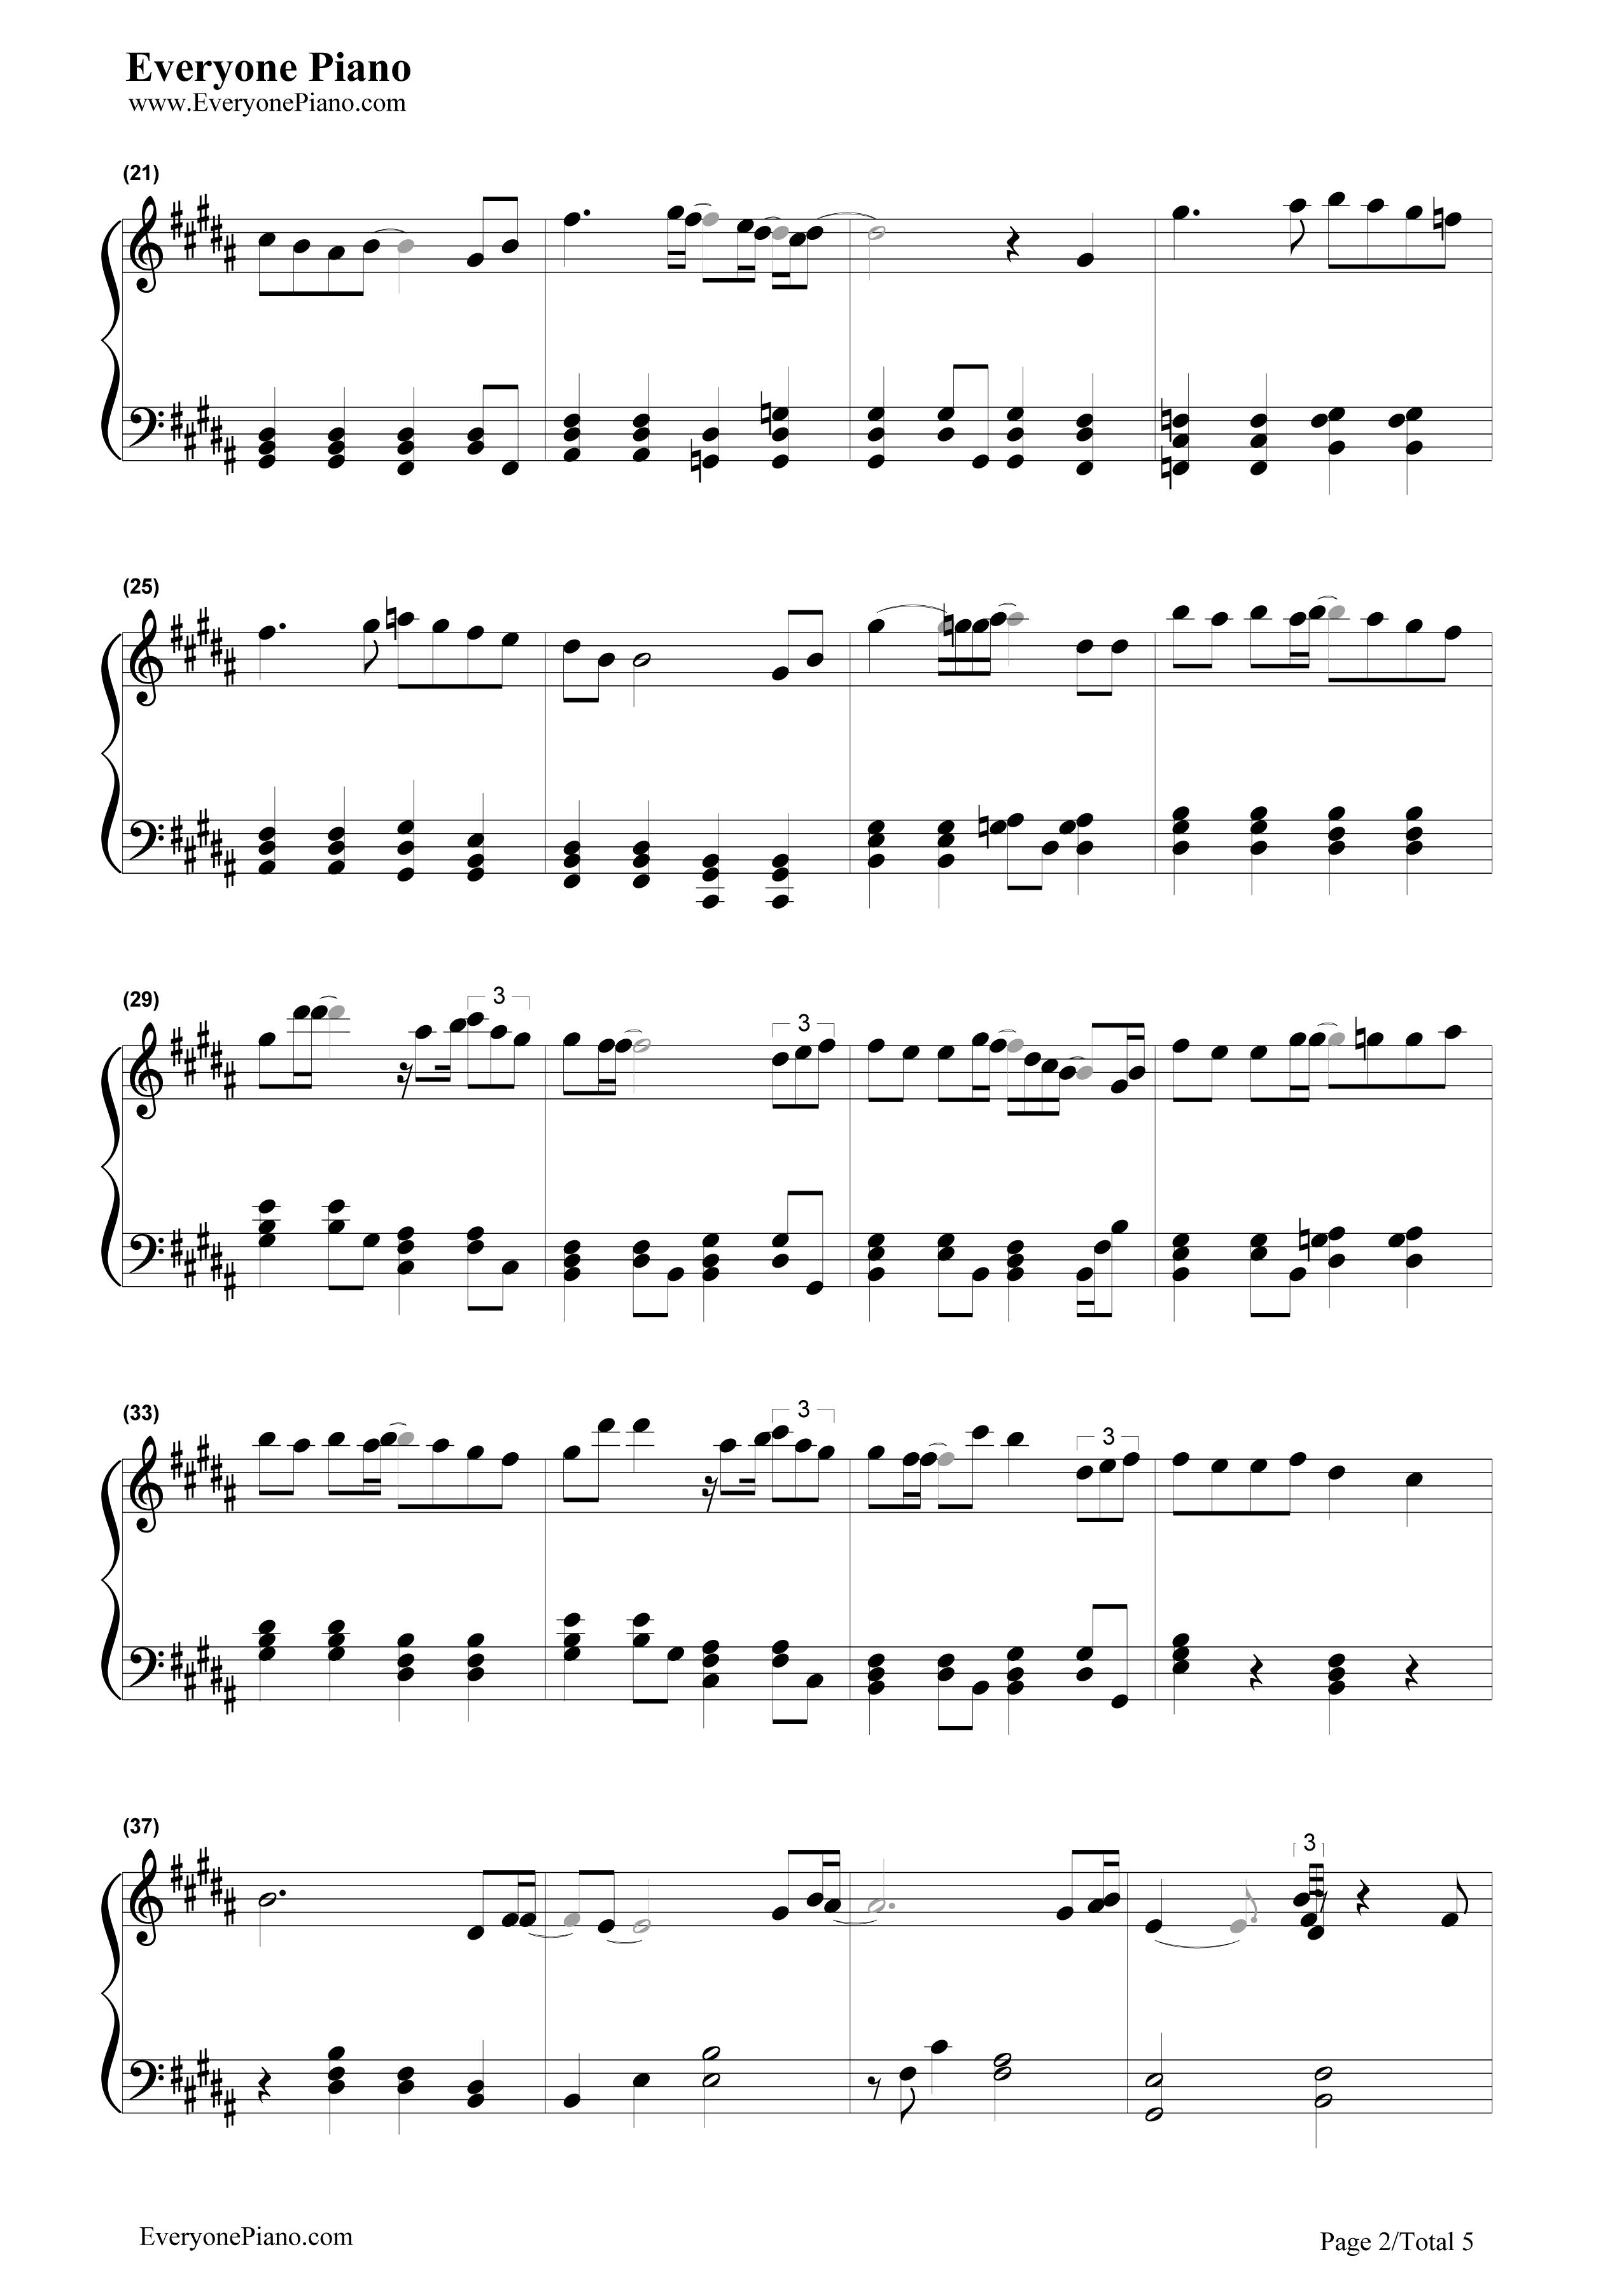 钢琴曲谱 流行 飘雪 飘雪五线谱预览2  }  仅供学习交流使用!